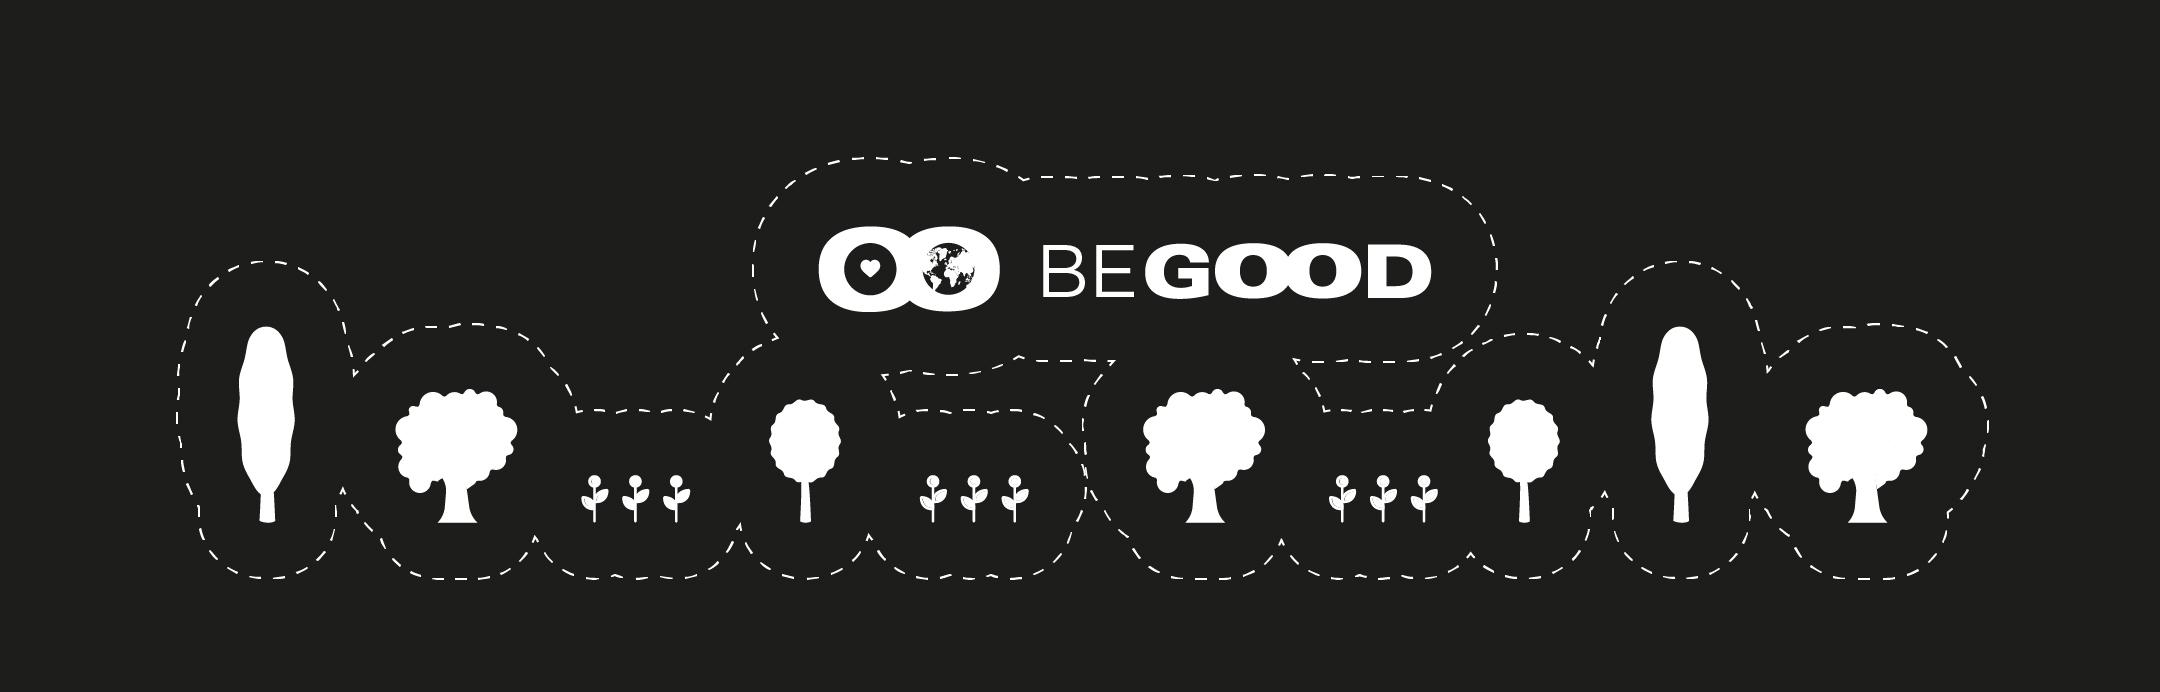 מכירות באמזון  NotFromHere Design Studio Amazon Sale  Joovy- Be Good  אריזות עיצוב פריסה מוצרים לפעוטות וילדים 